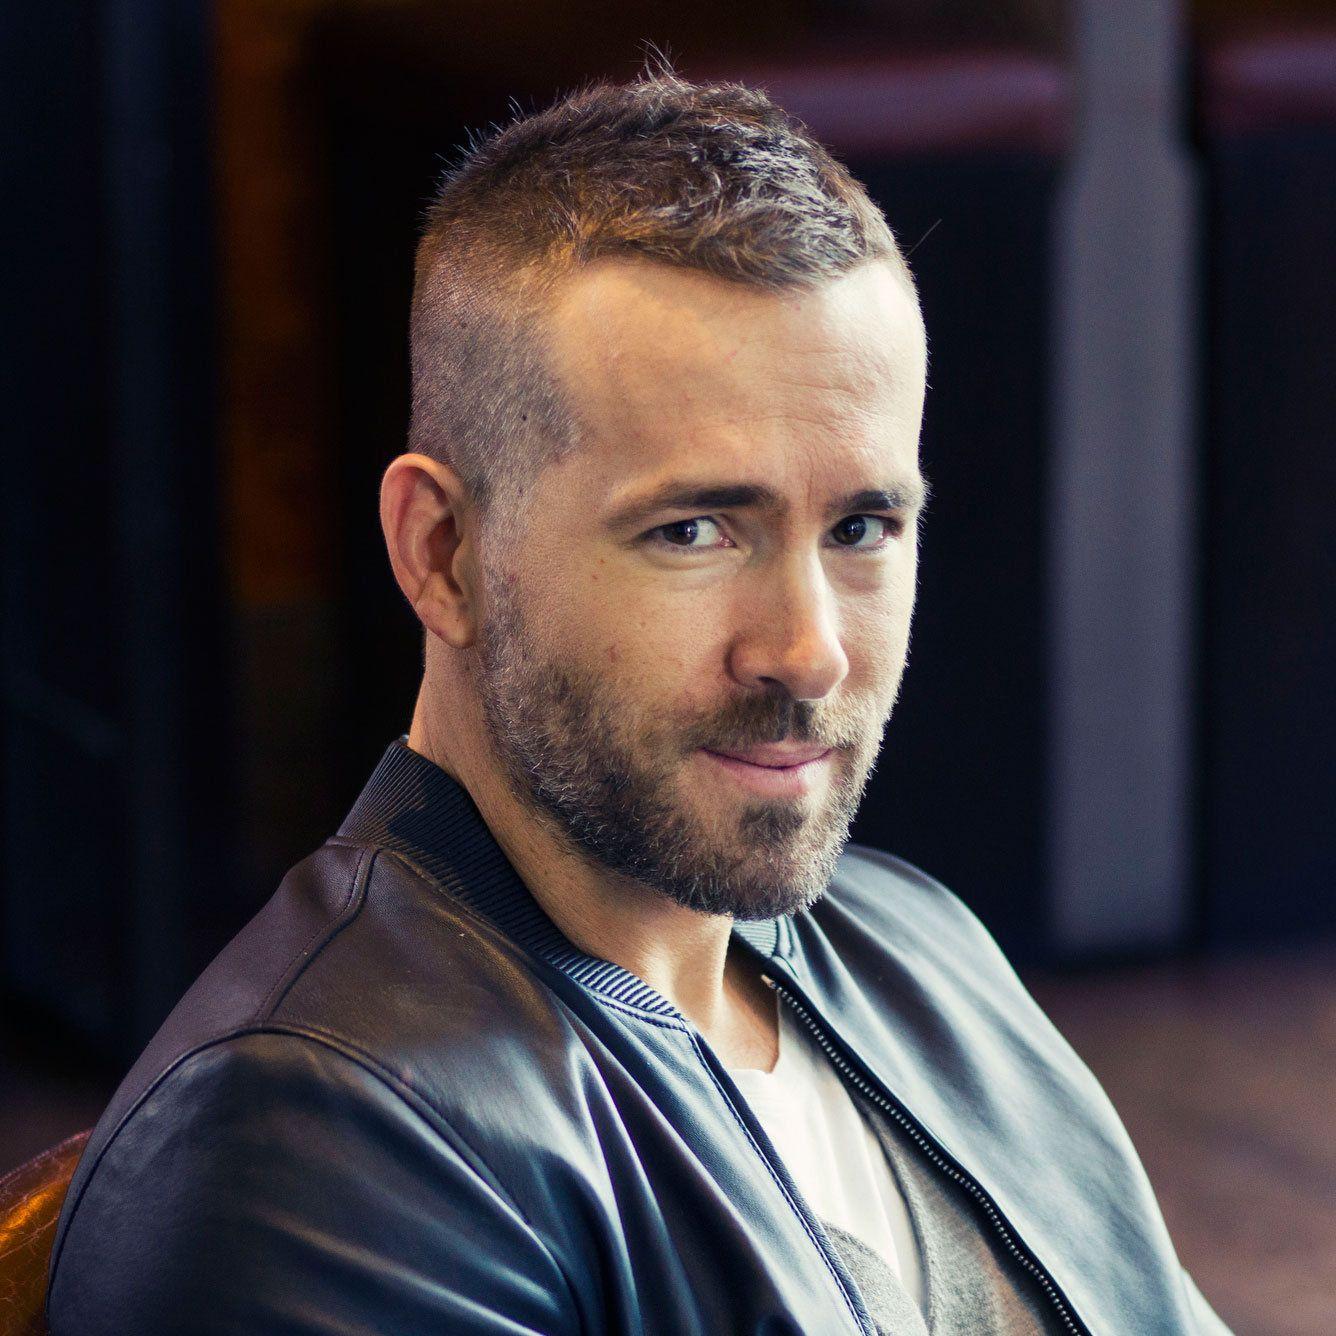 Ryan Reynolds Deadpool Haircut A Short Ivy League With A Textured